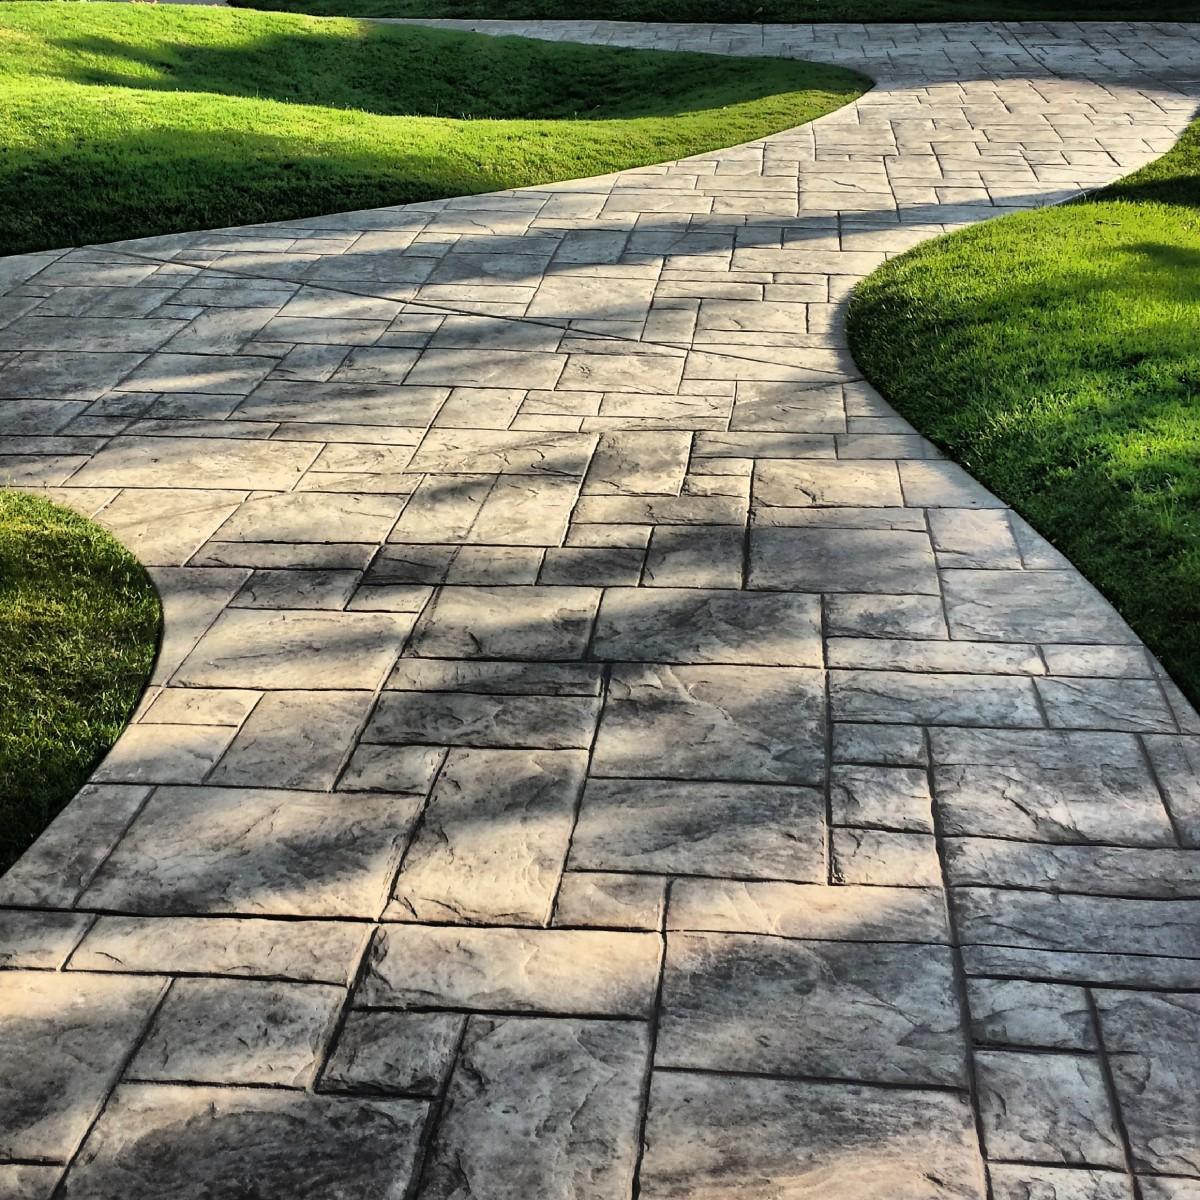 pathway_trail_path_walk_grass_green_garden_walking-1241335.jpg